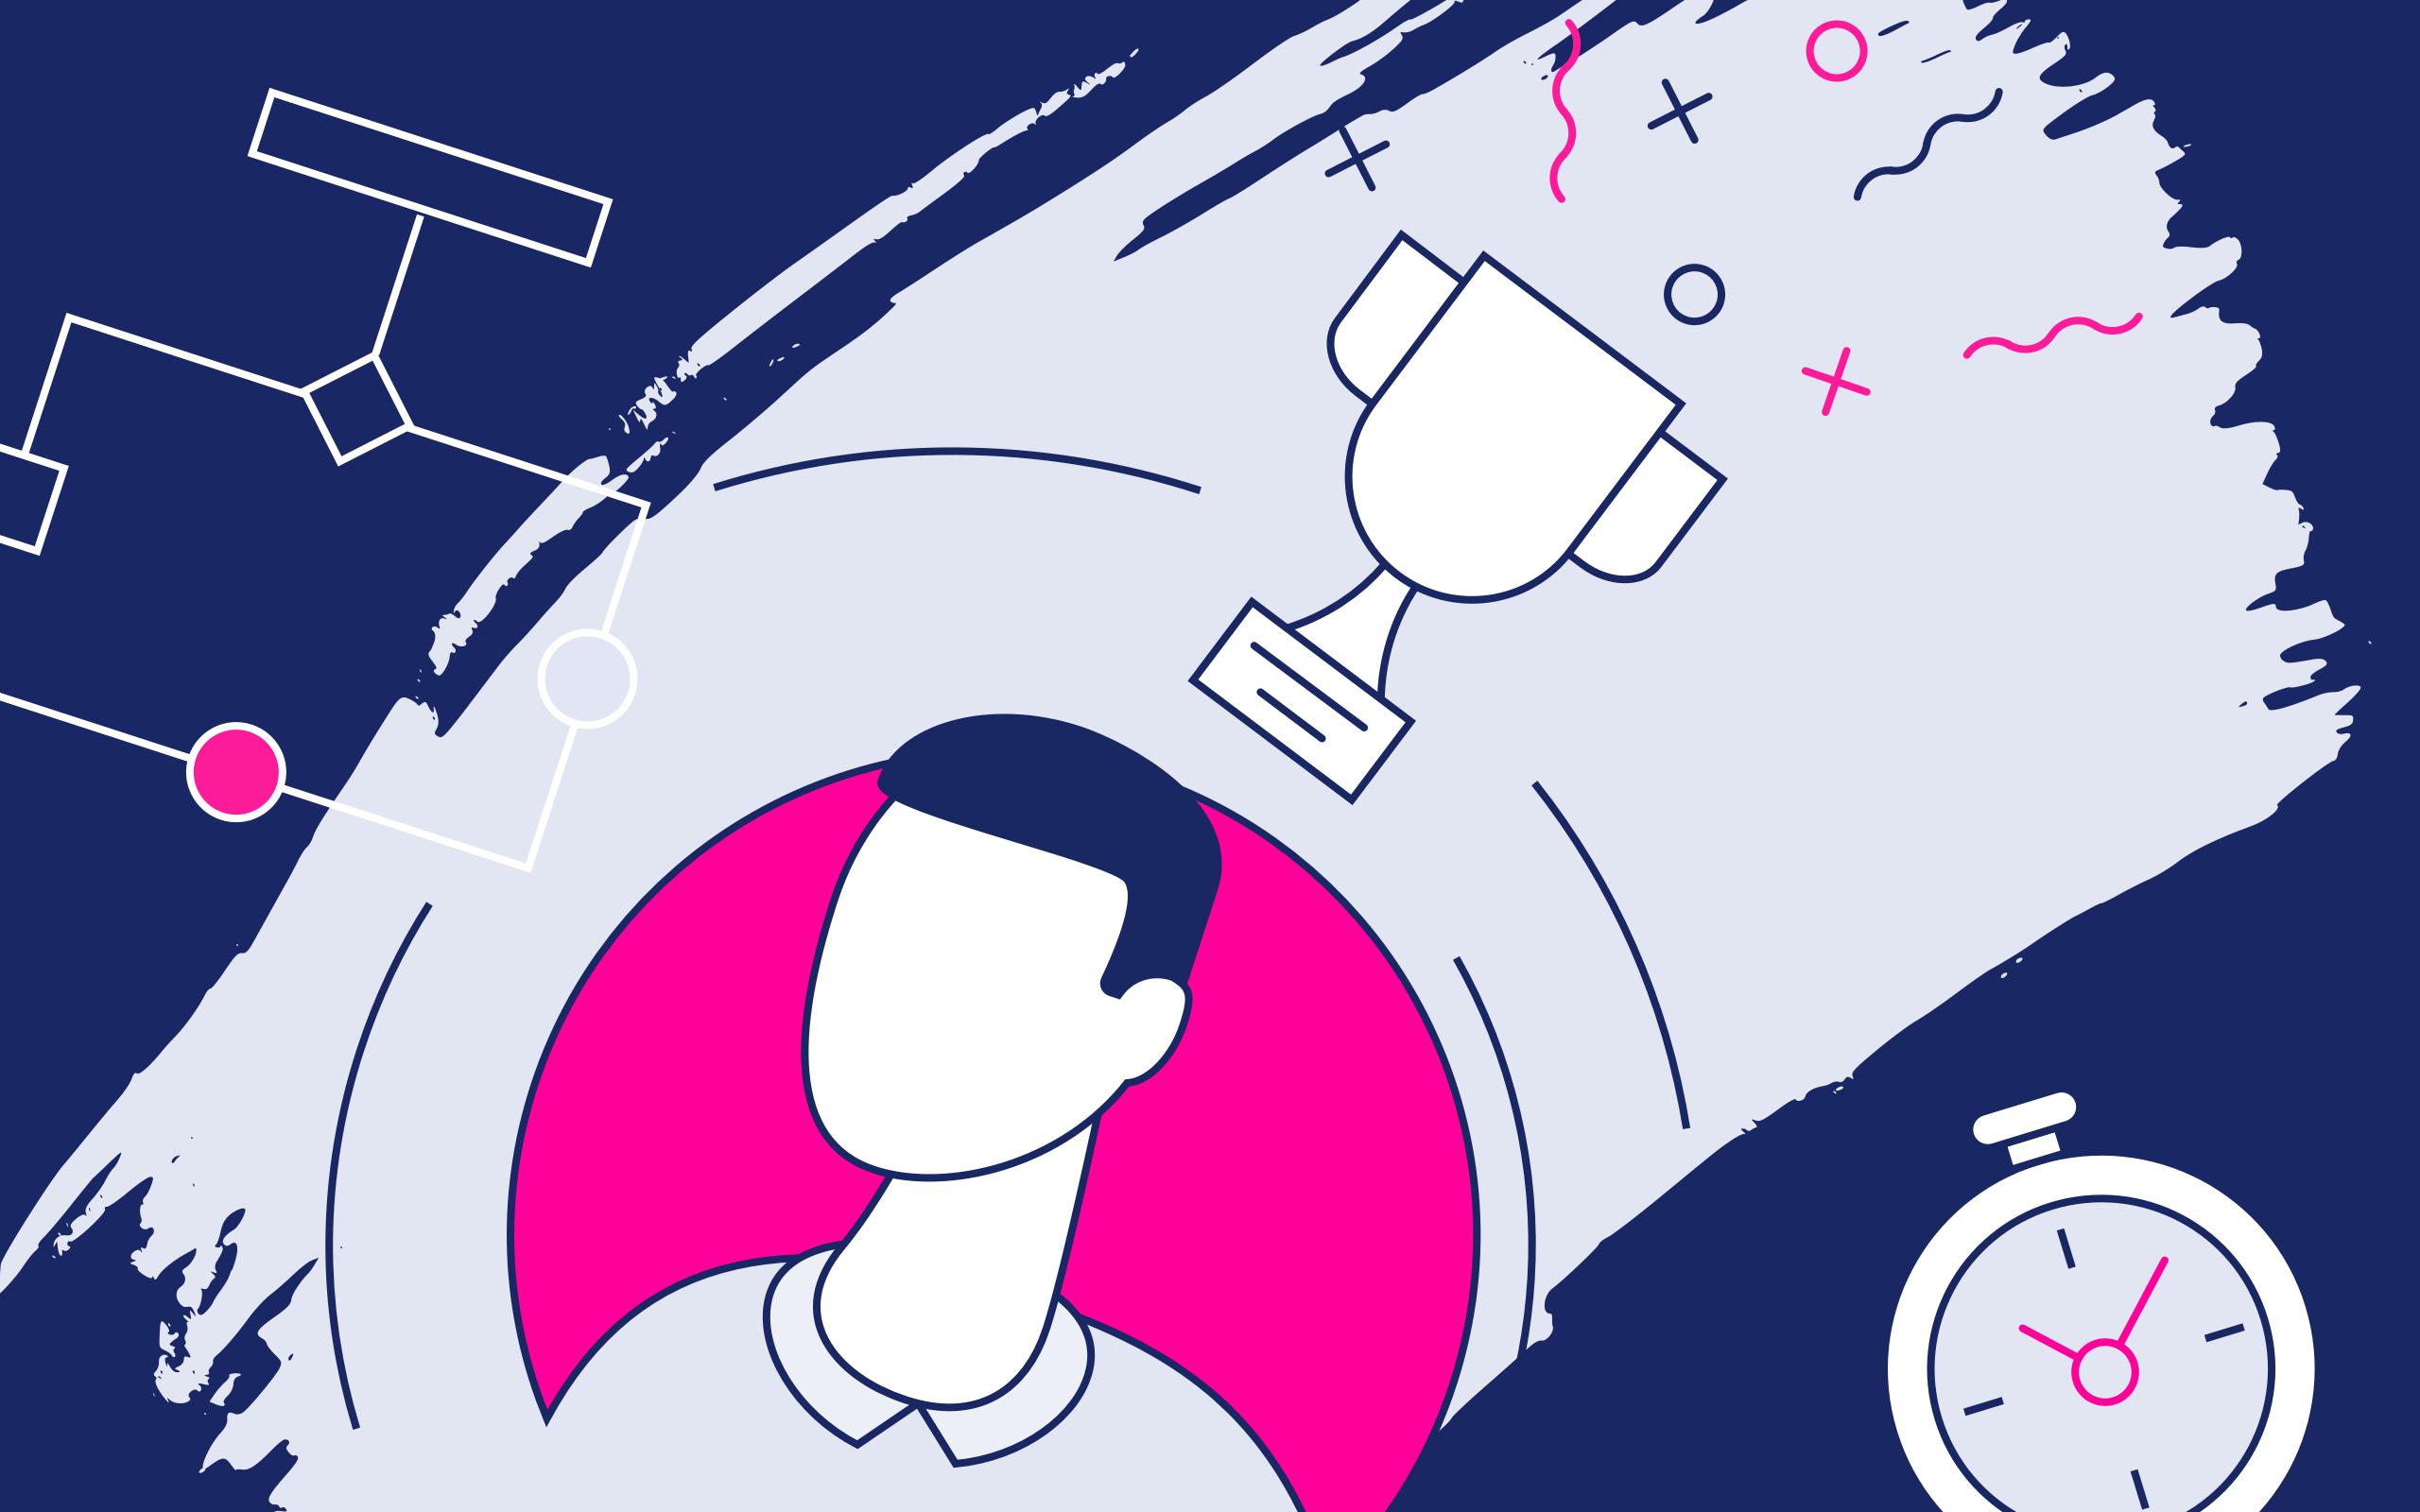 <strong>Guter User Research</strong> muss nicht teuer und zeitraubend sein